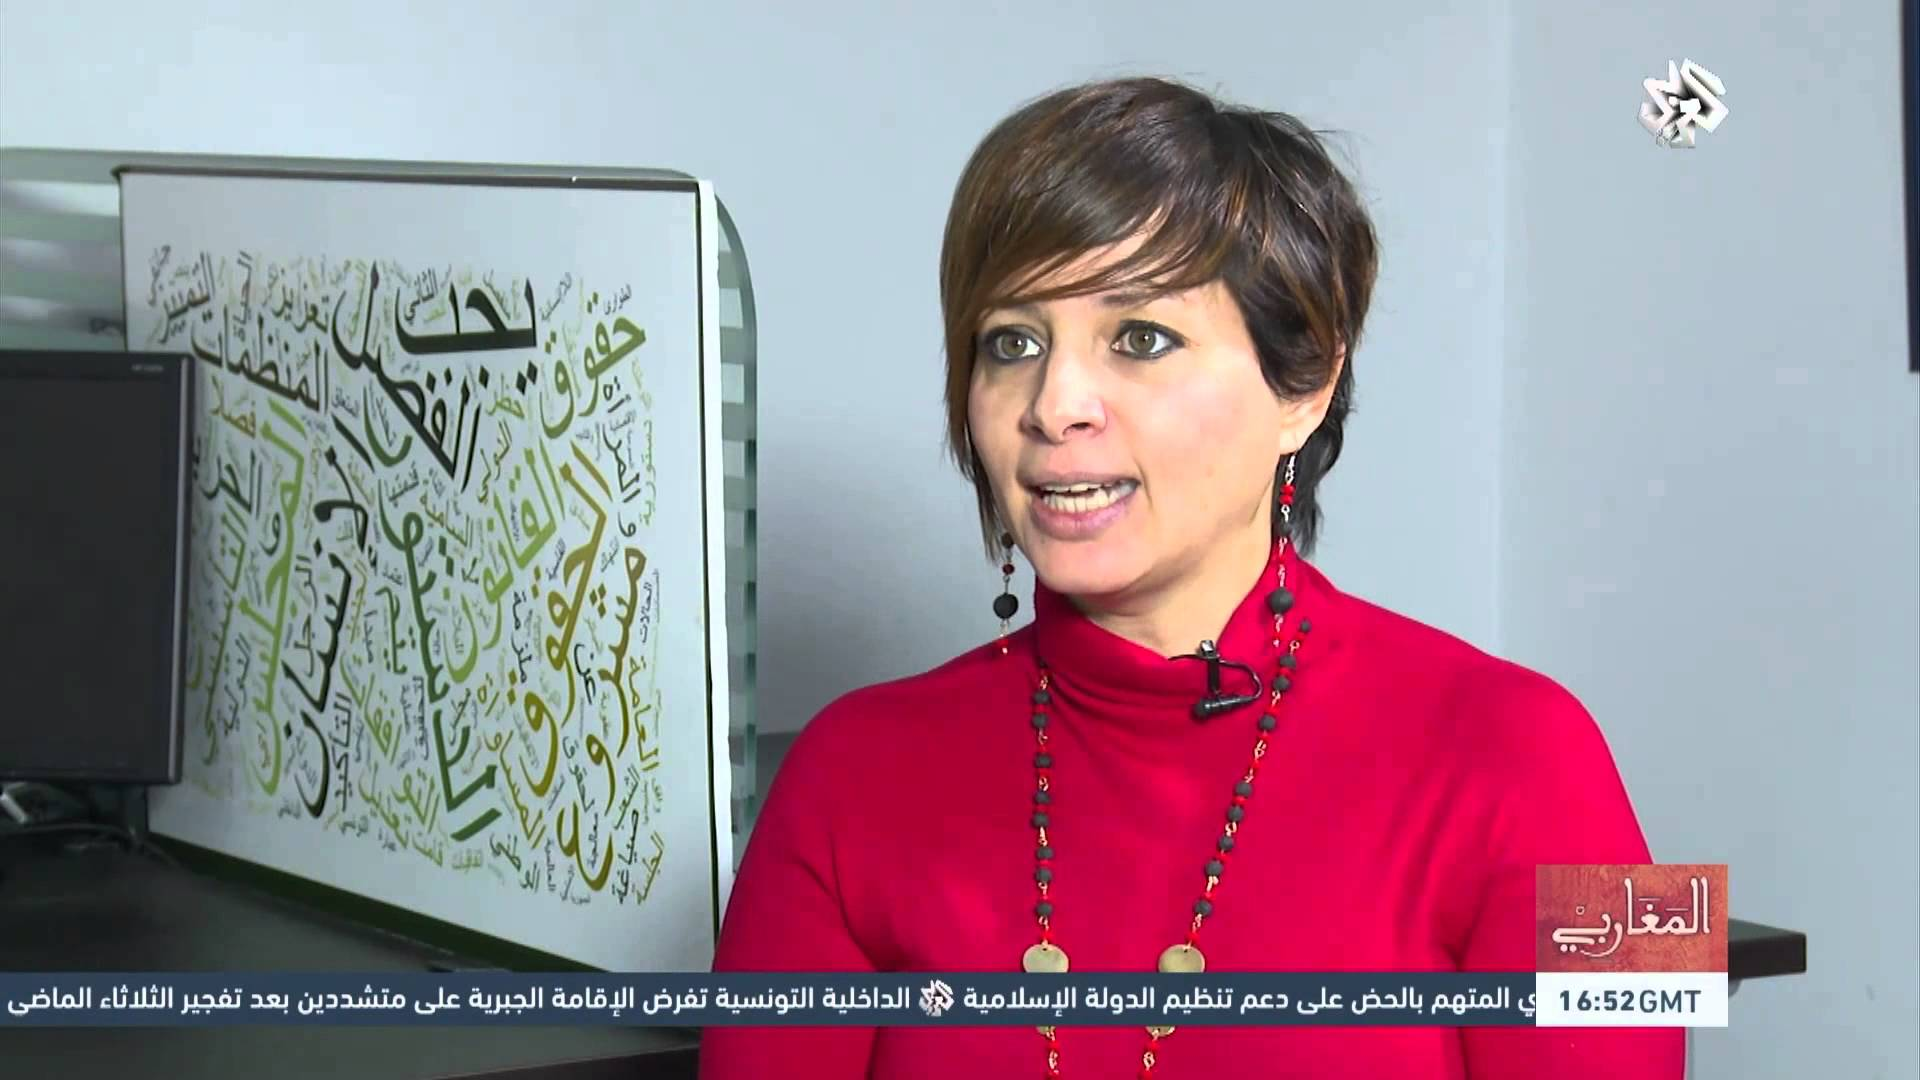 مديرة مكتب هيومن رايتس ووتش في تونس